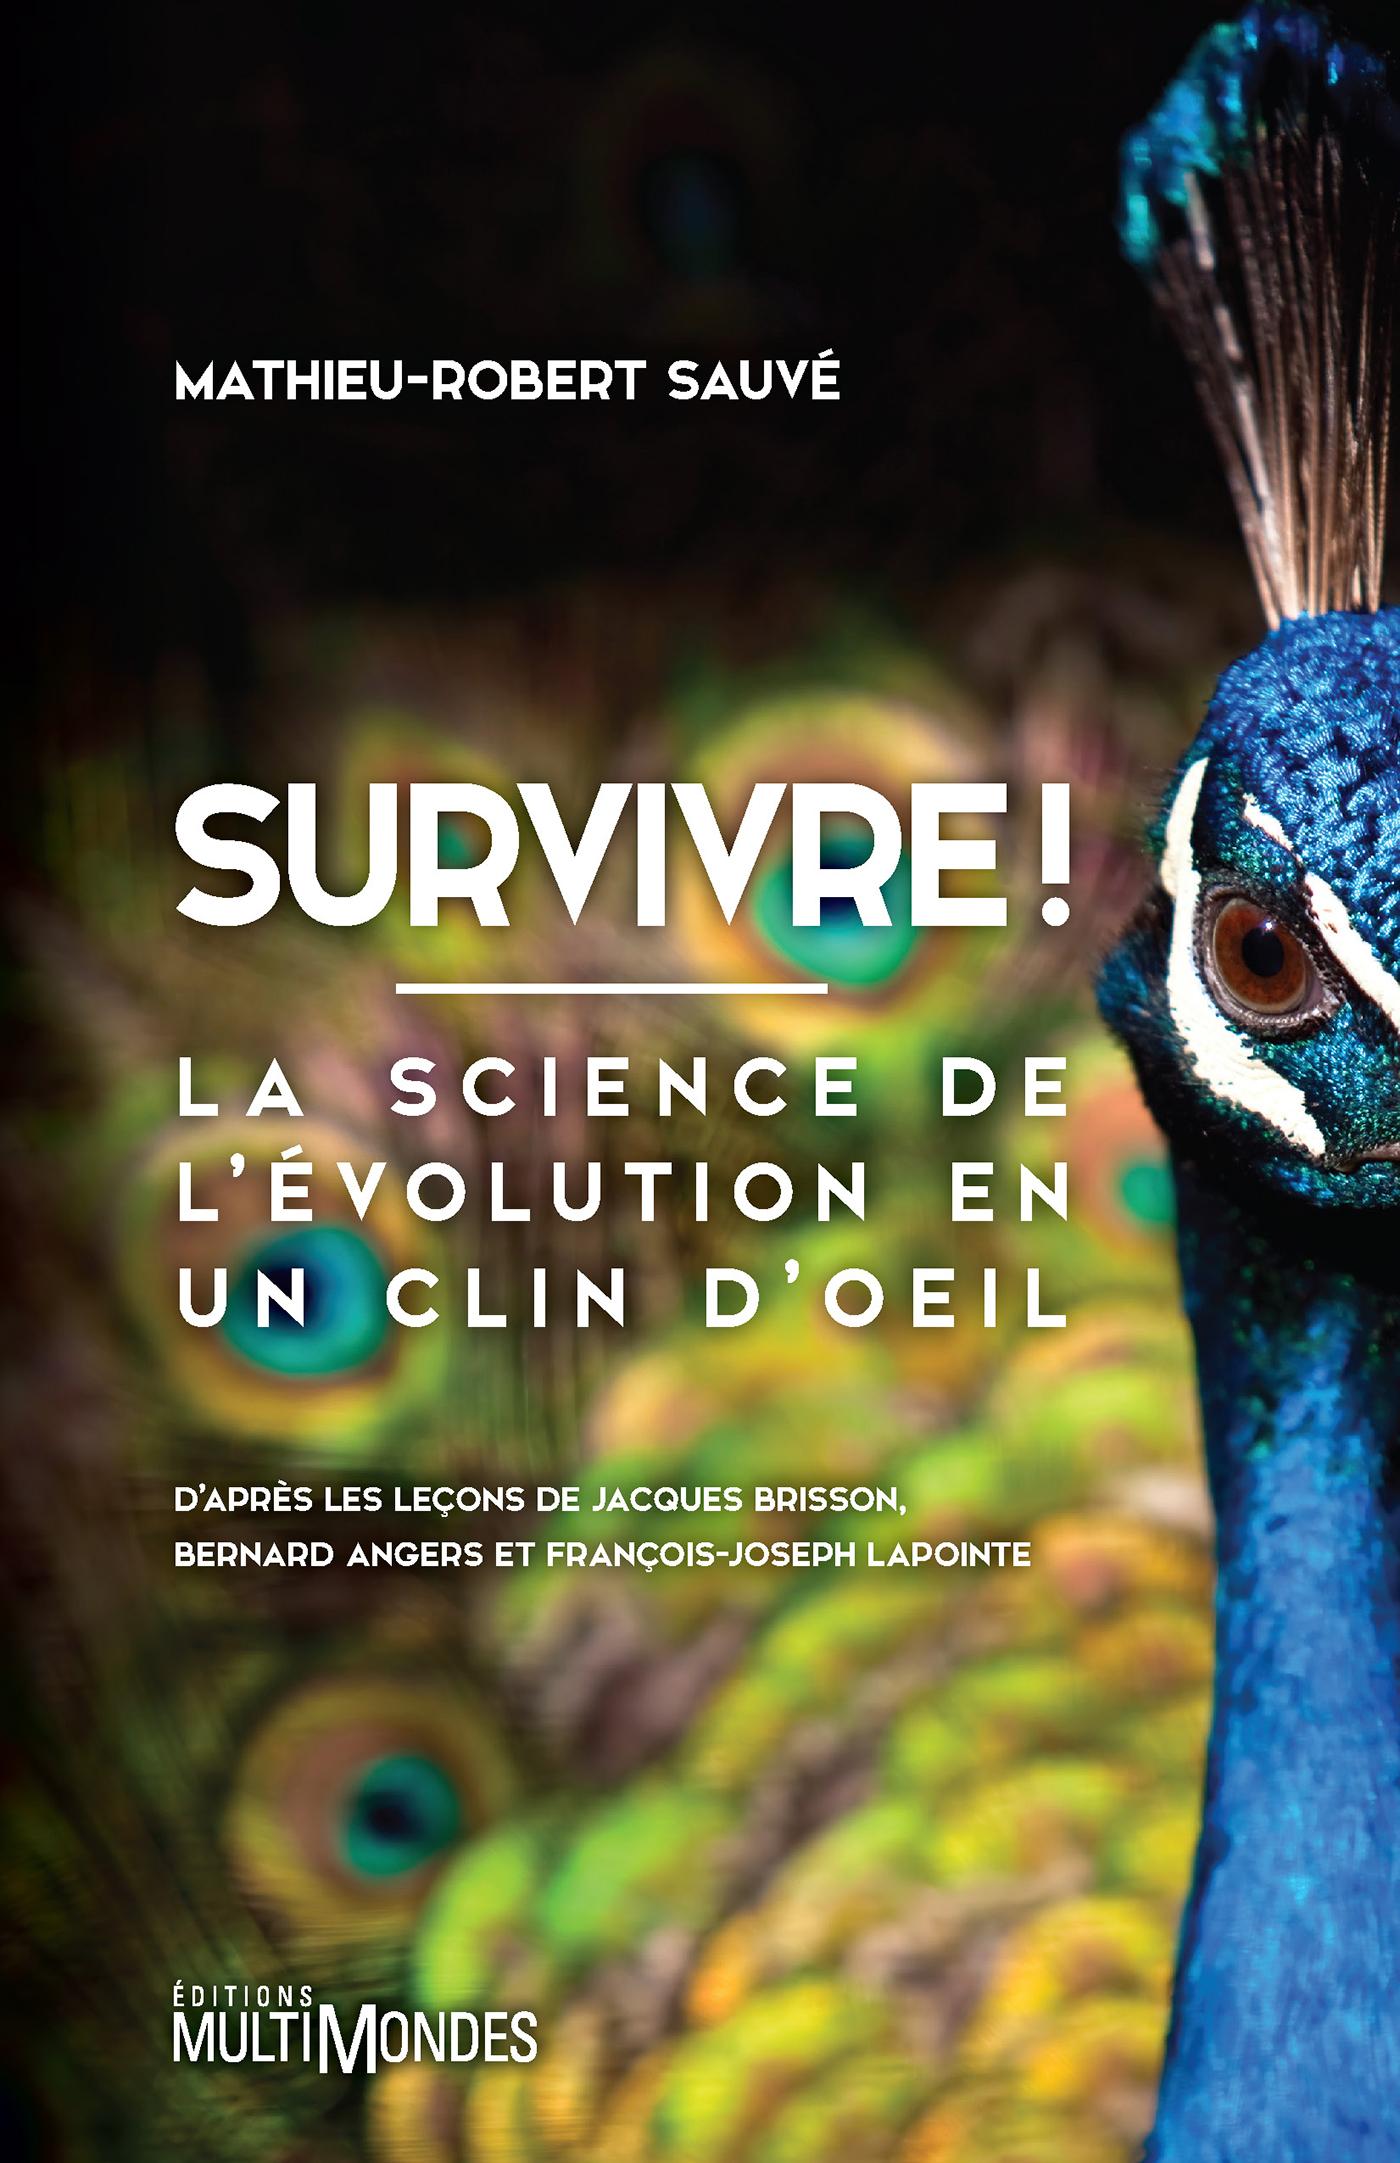 Survivre!